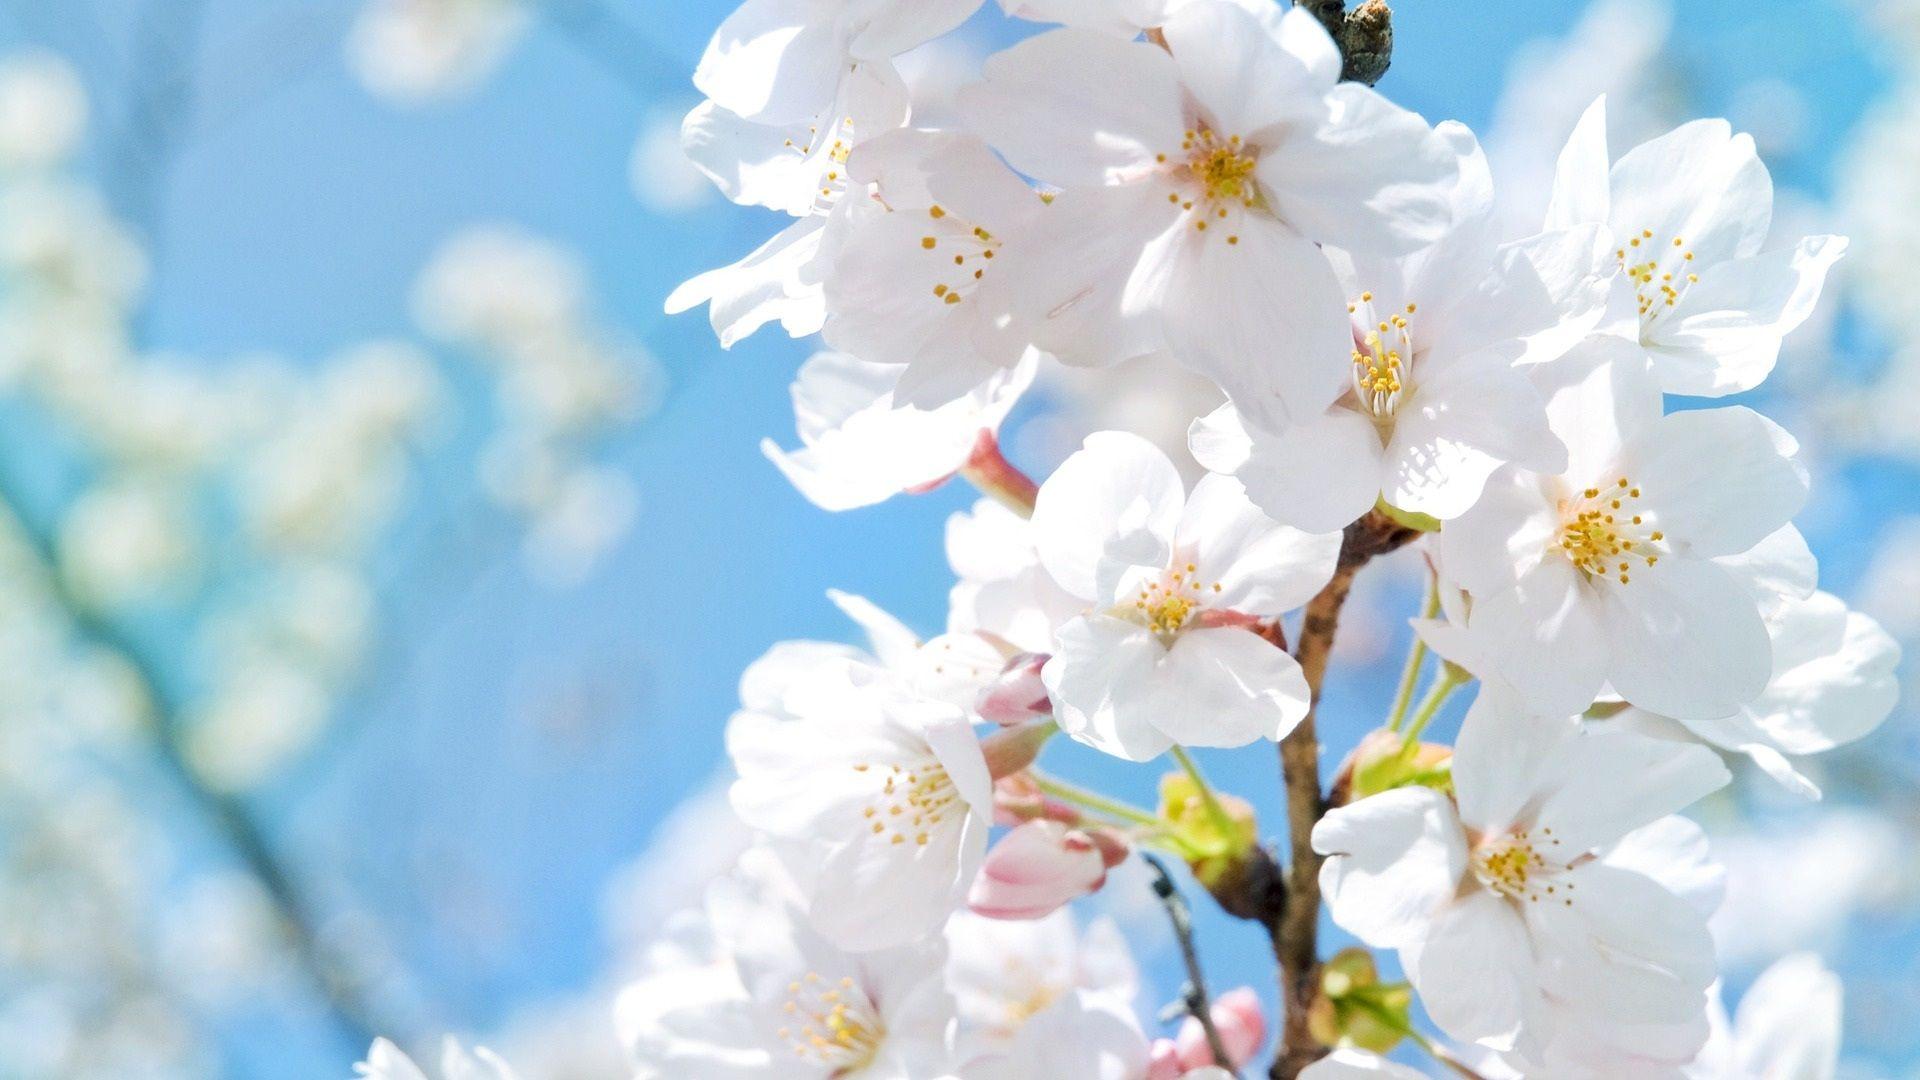 春に白い桜の花 壁紙 1920x1080 White flower wallpaper, Spring